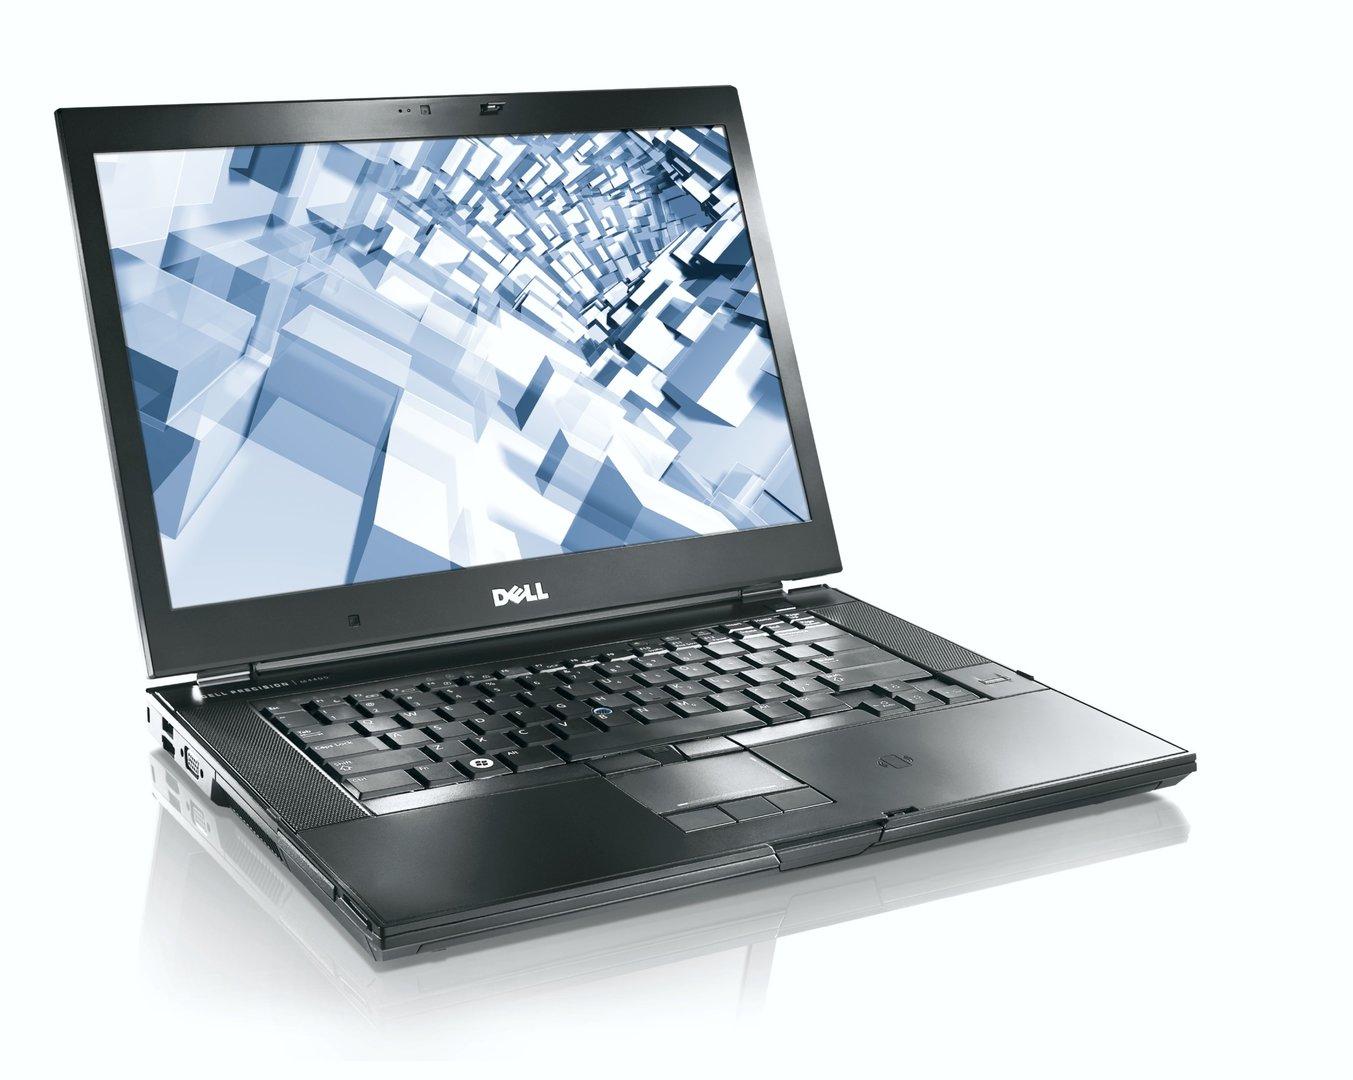 Dell Precision M4400